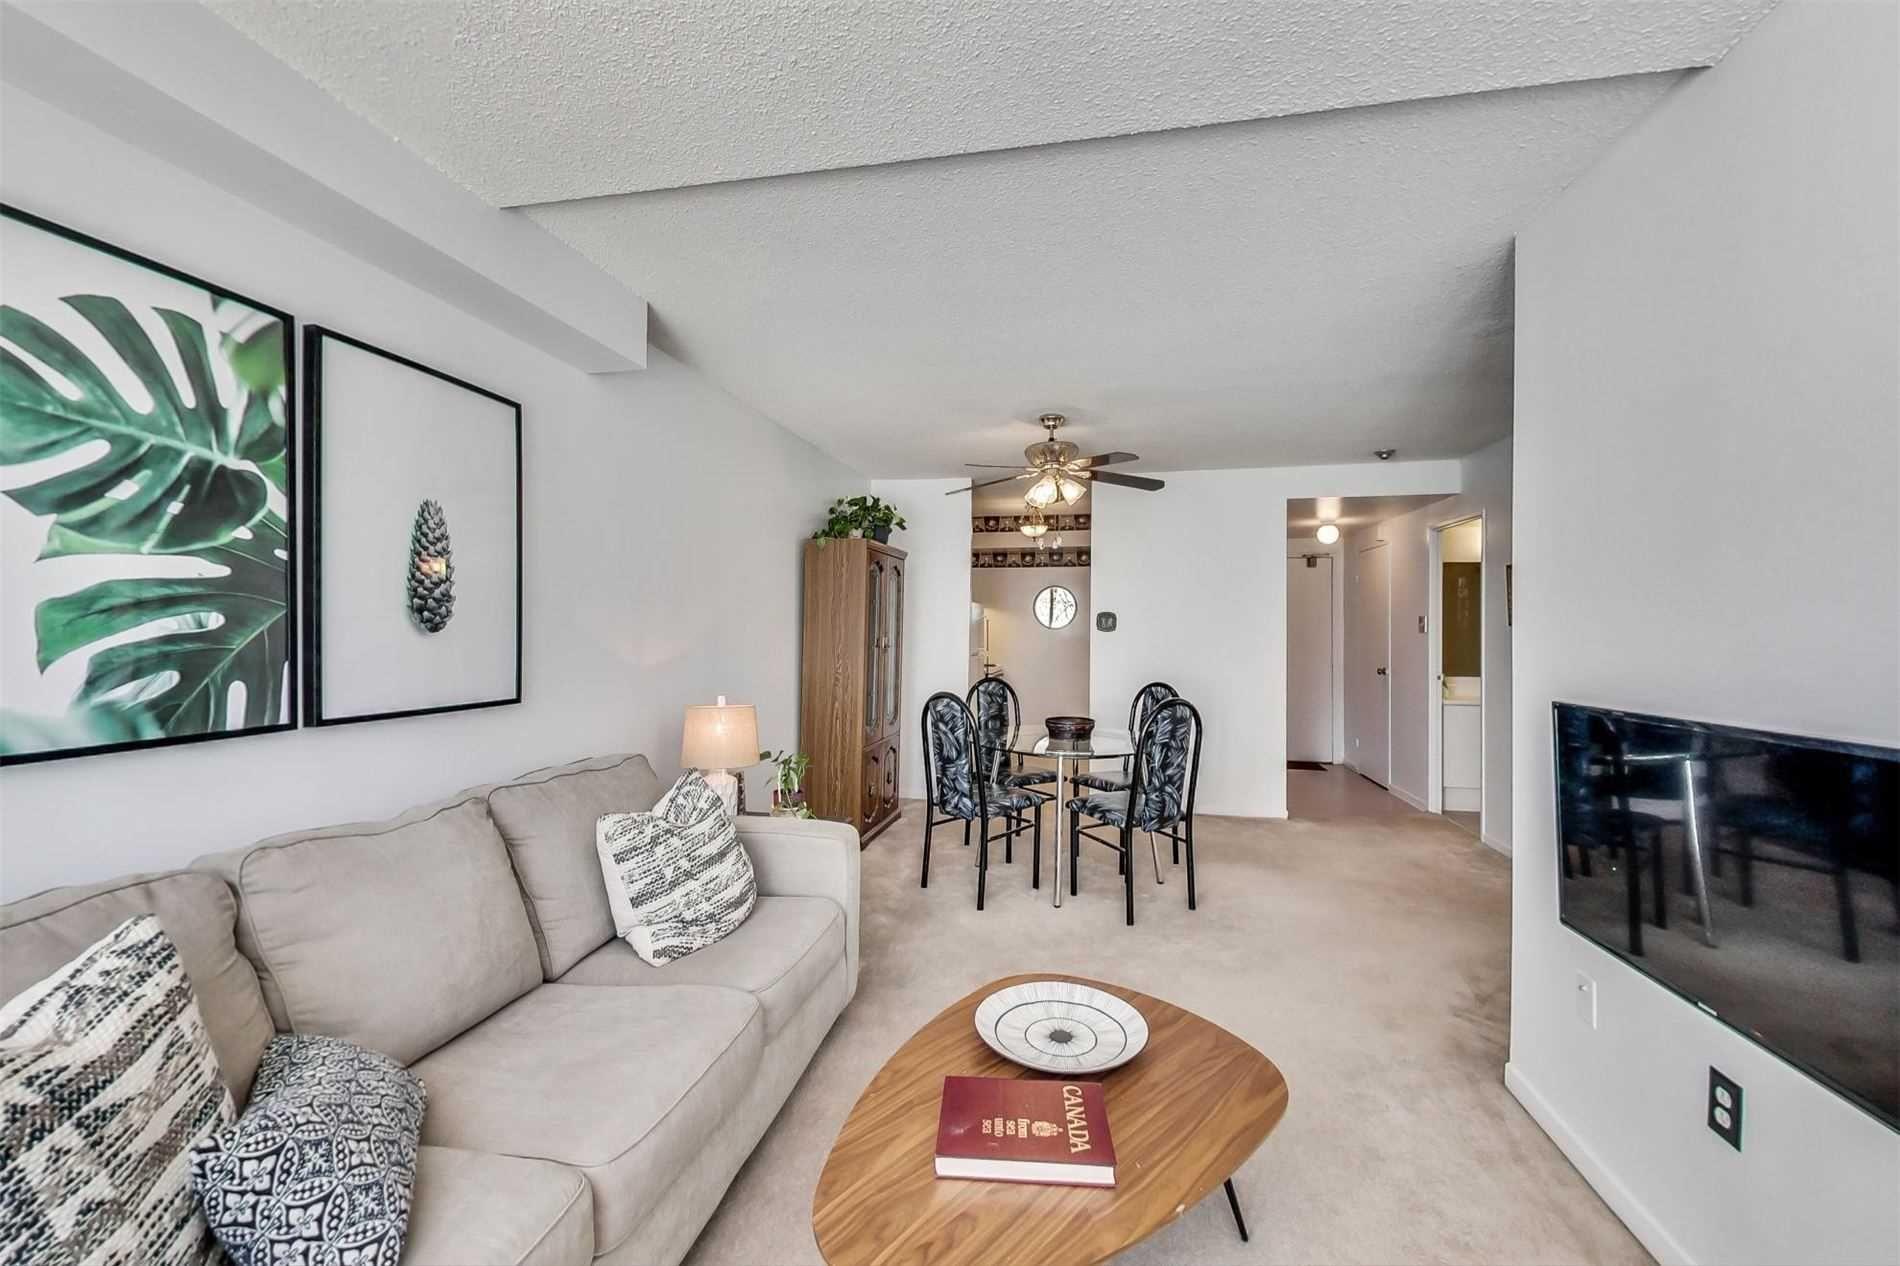 Photo 6: Photos: 212 5580 E Sheppard Avenue in Toronto: Malvern Condo for sale (Toronto E11)  : MLS®# E4747223